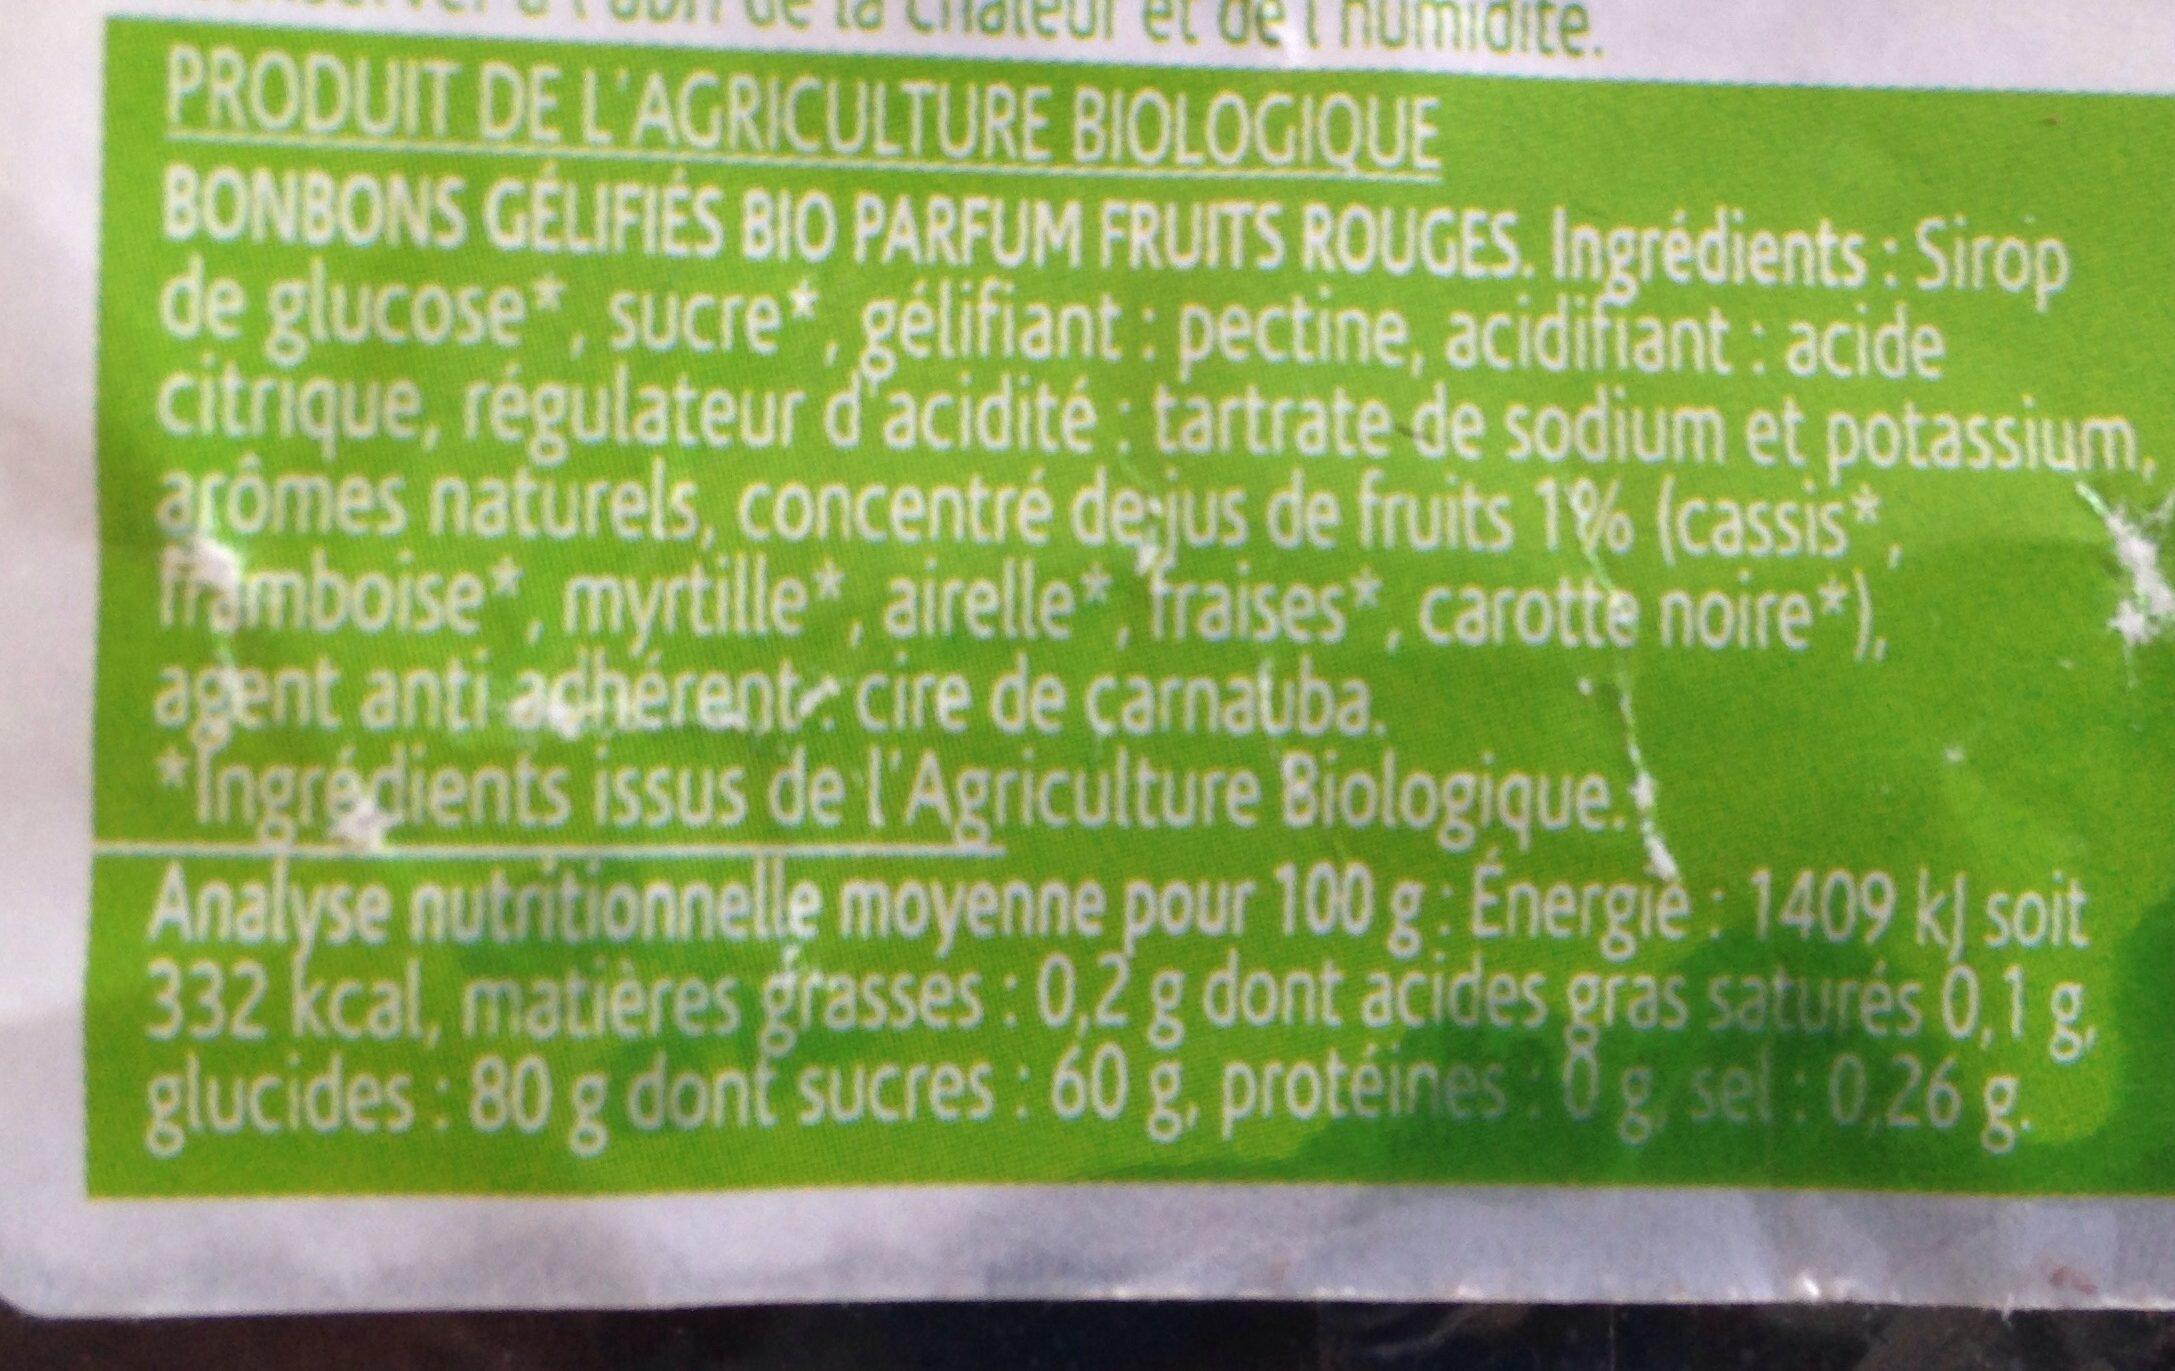 Trésor de fruits rouges - Ingredients - fr